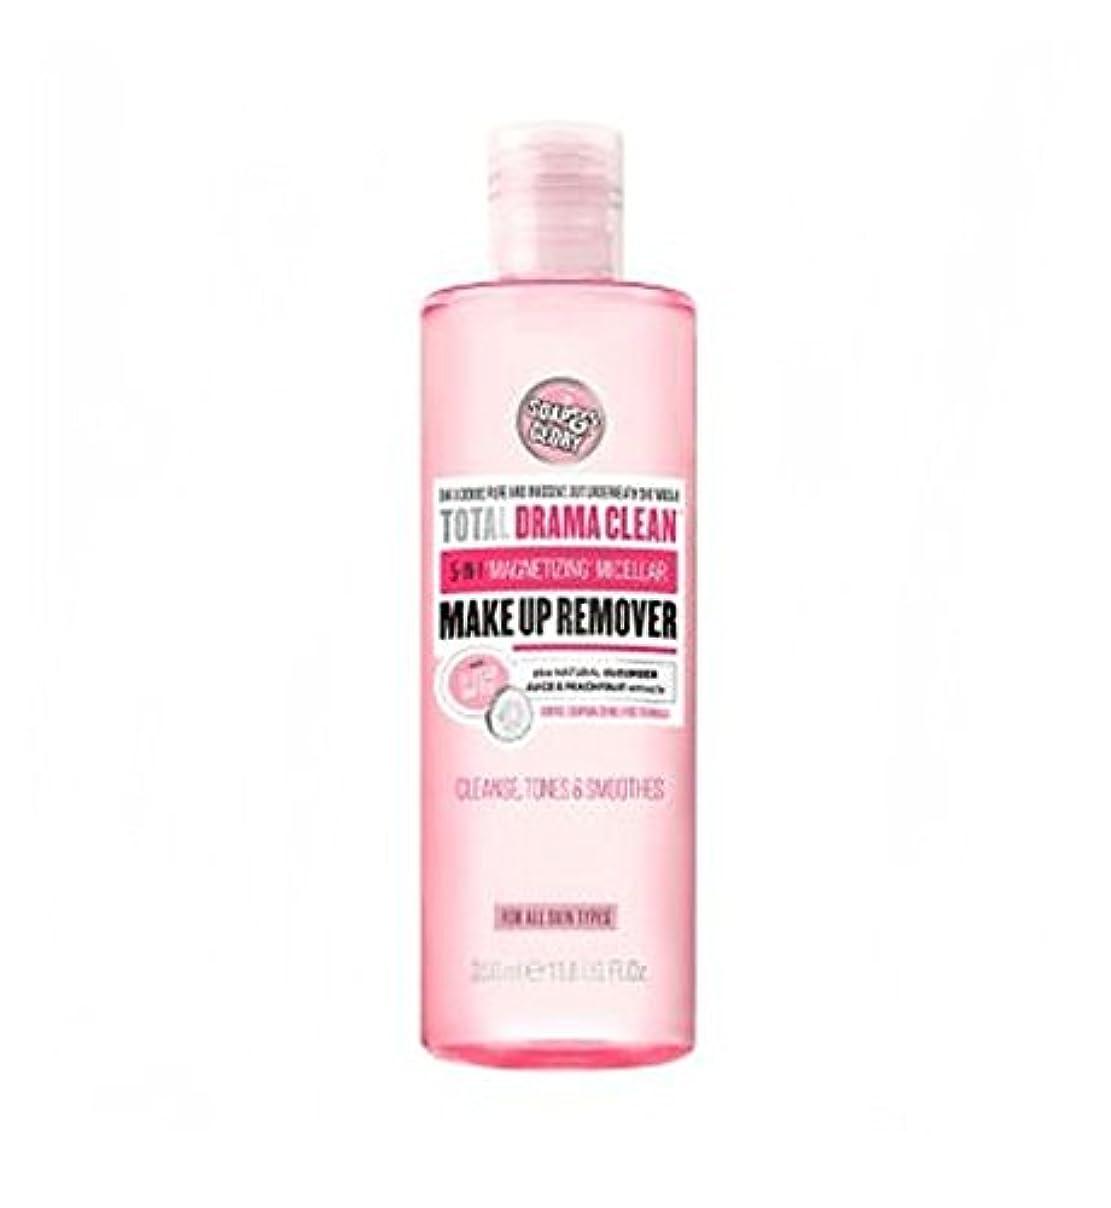 牧師繊維驚石鹸&栄光のドラマクリーン?5-In-1のミセル洗浄水350ミリリットル (Soap & Glory) (x2) - Soap & Glory DRAMA CLEAN? 5-in-1 Micellar Cleansing...